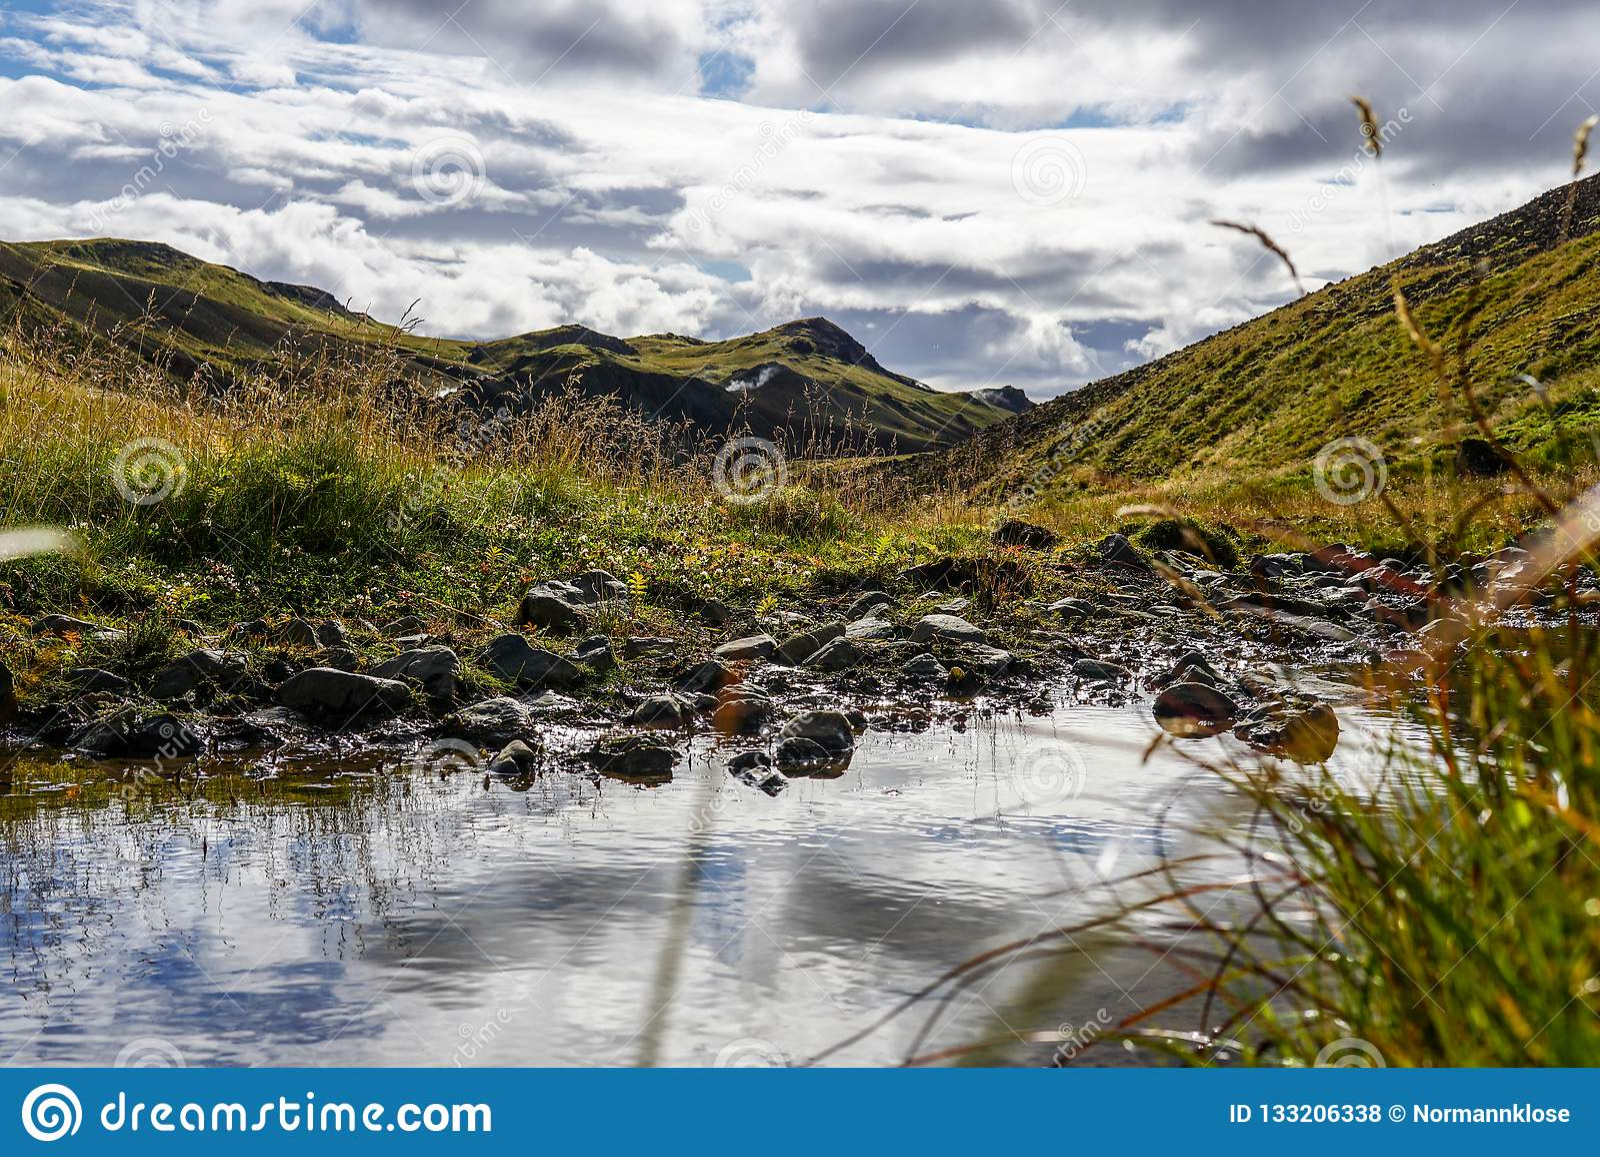 Glaciel rzeka biega przez Islandzkiego krajobrazu